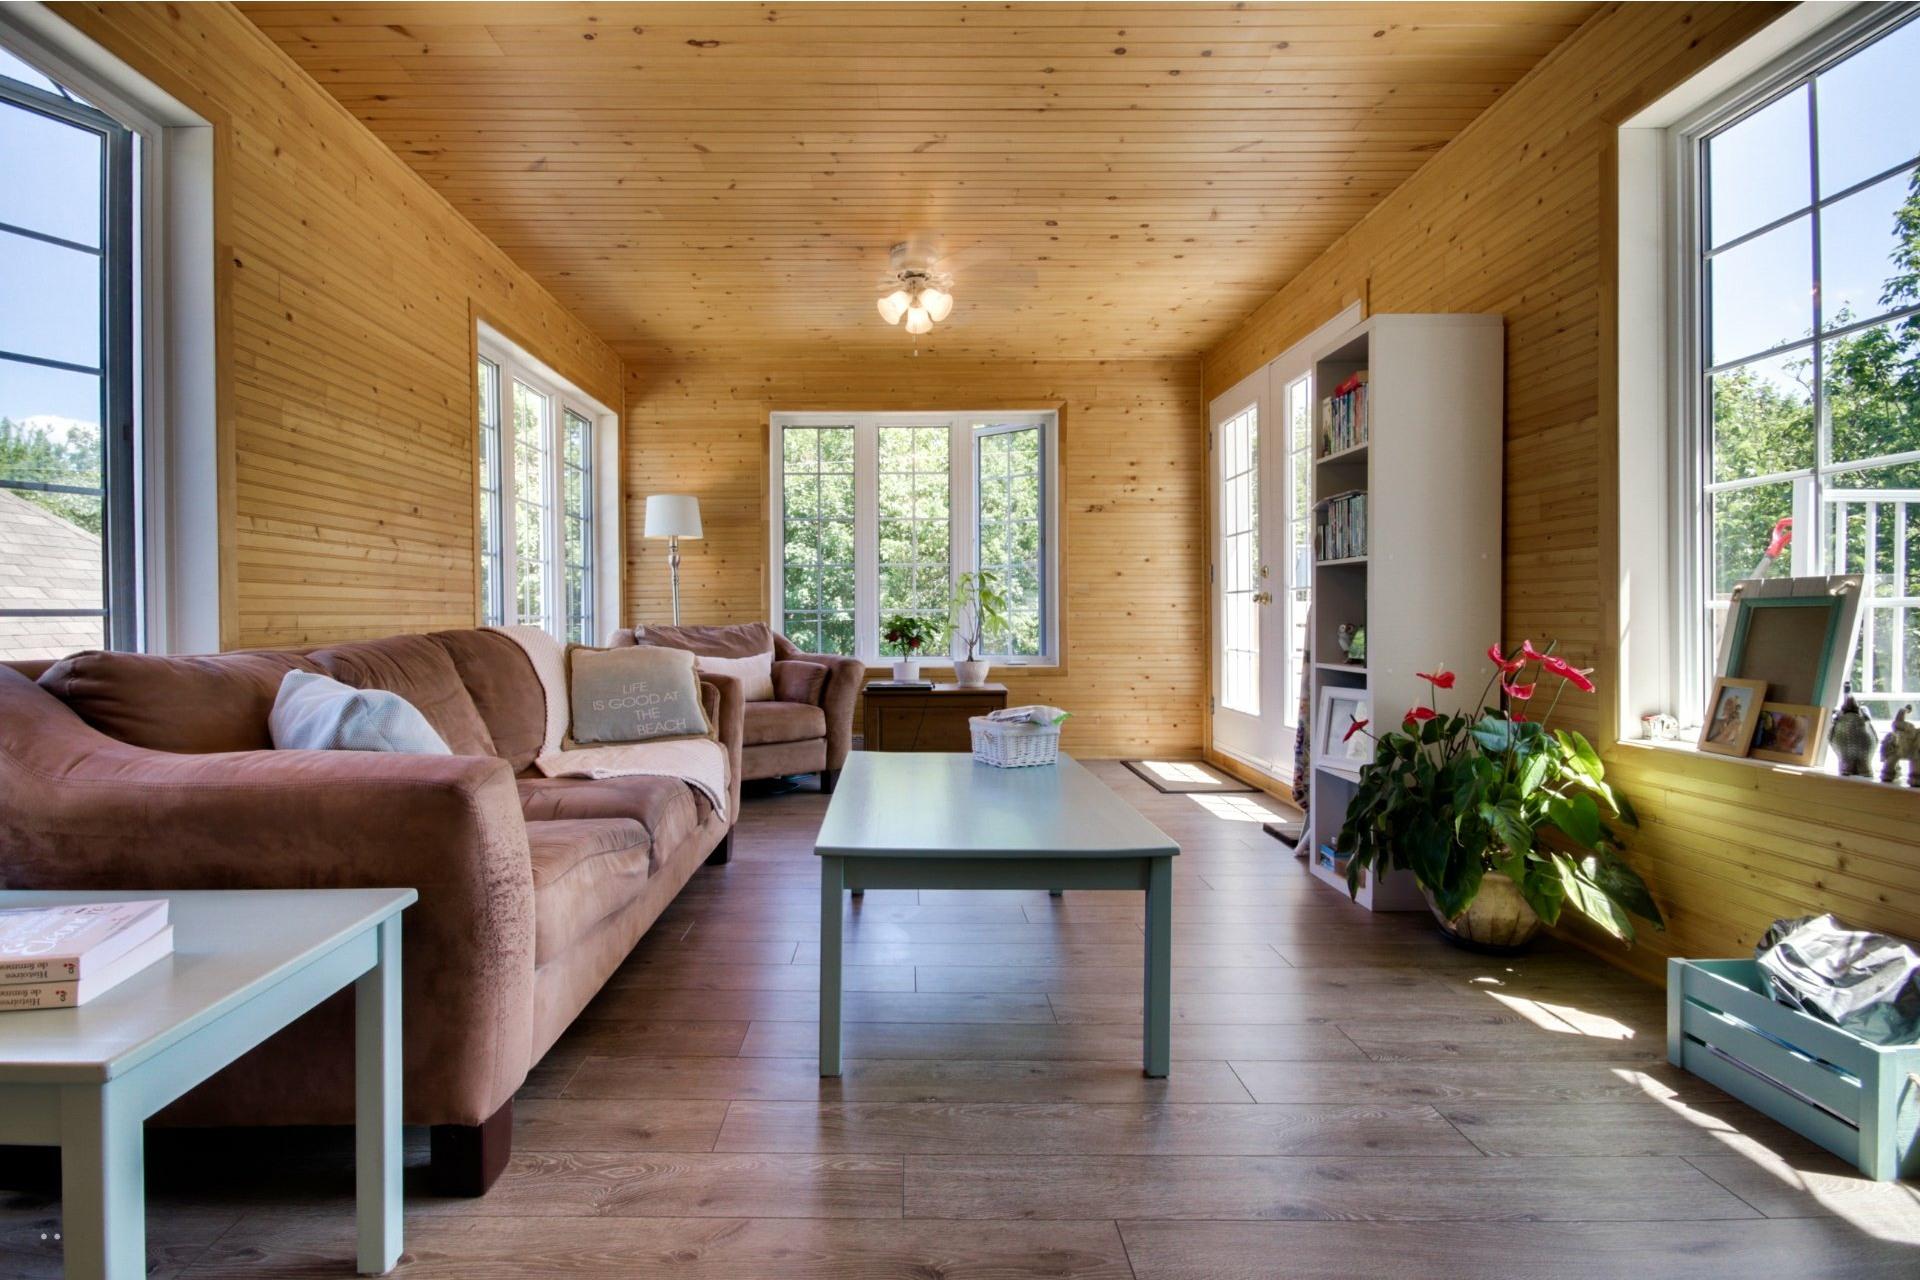 image 15 - Duplex For sale Trois-Rivières - 14 rooms